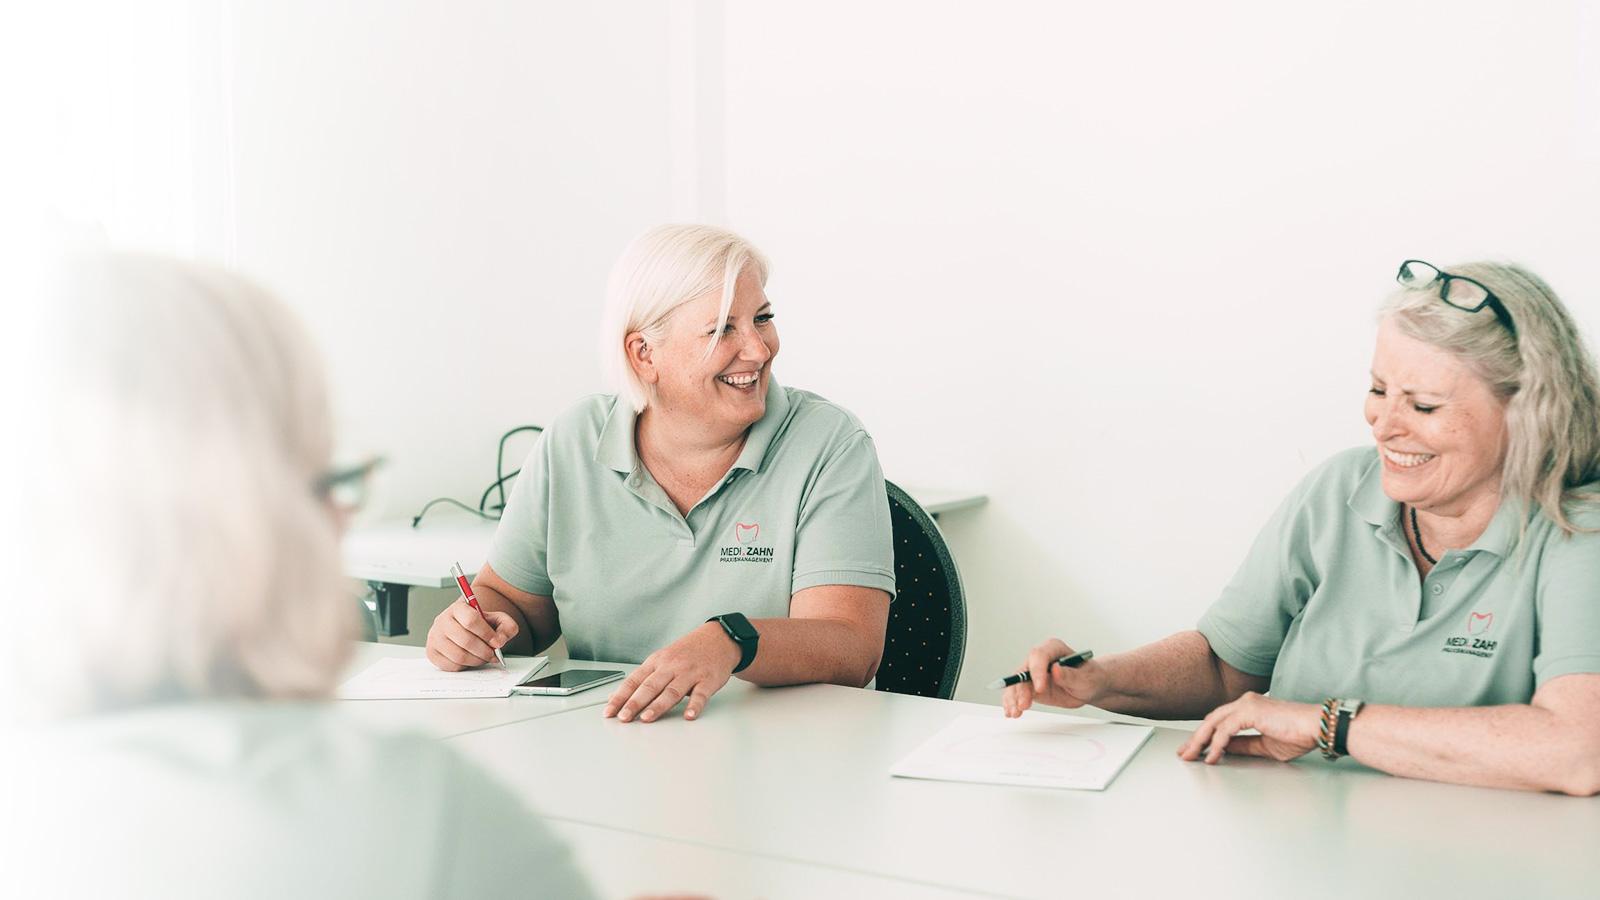 Meinungen von Partnern / Kunden in zahnärztlicher Abrechnung